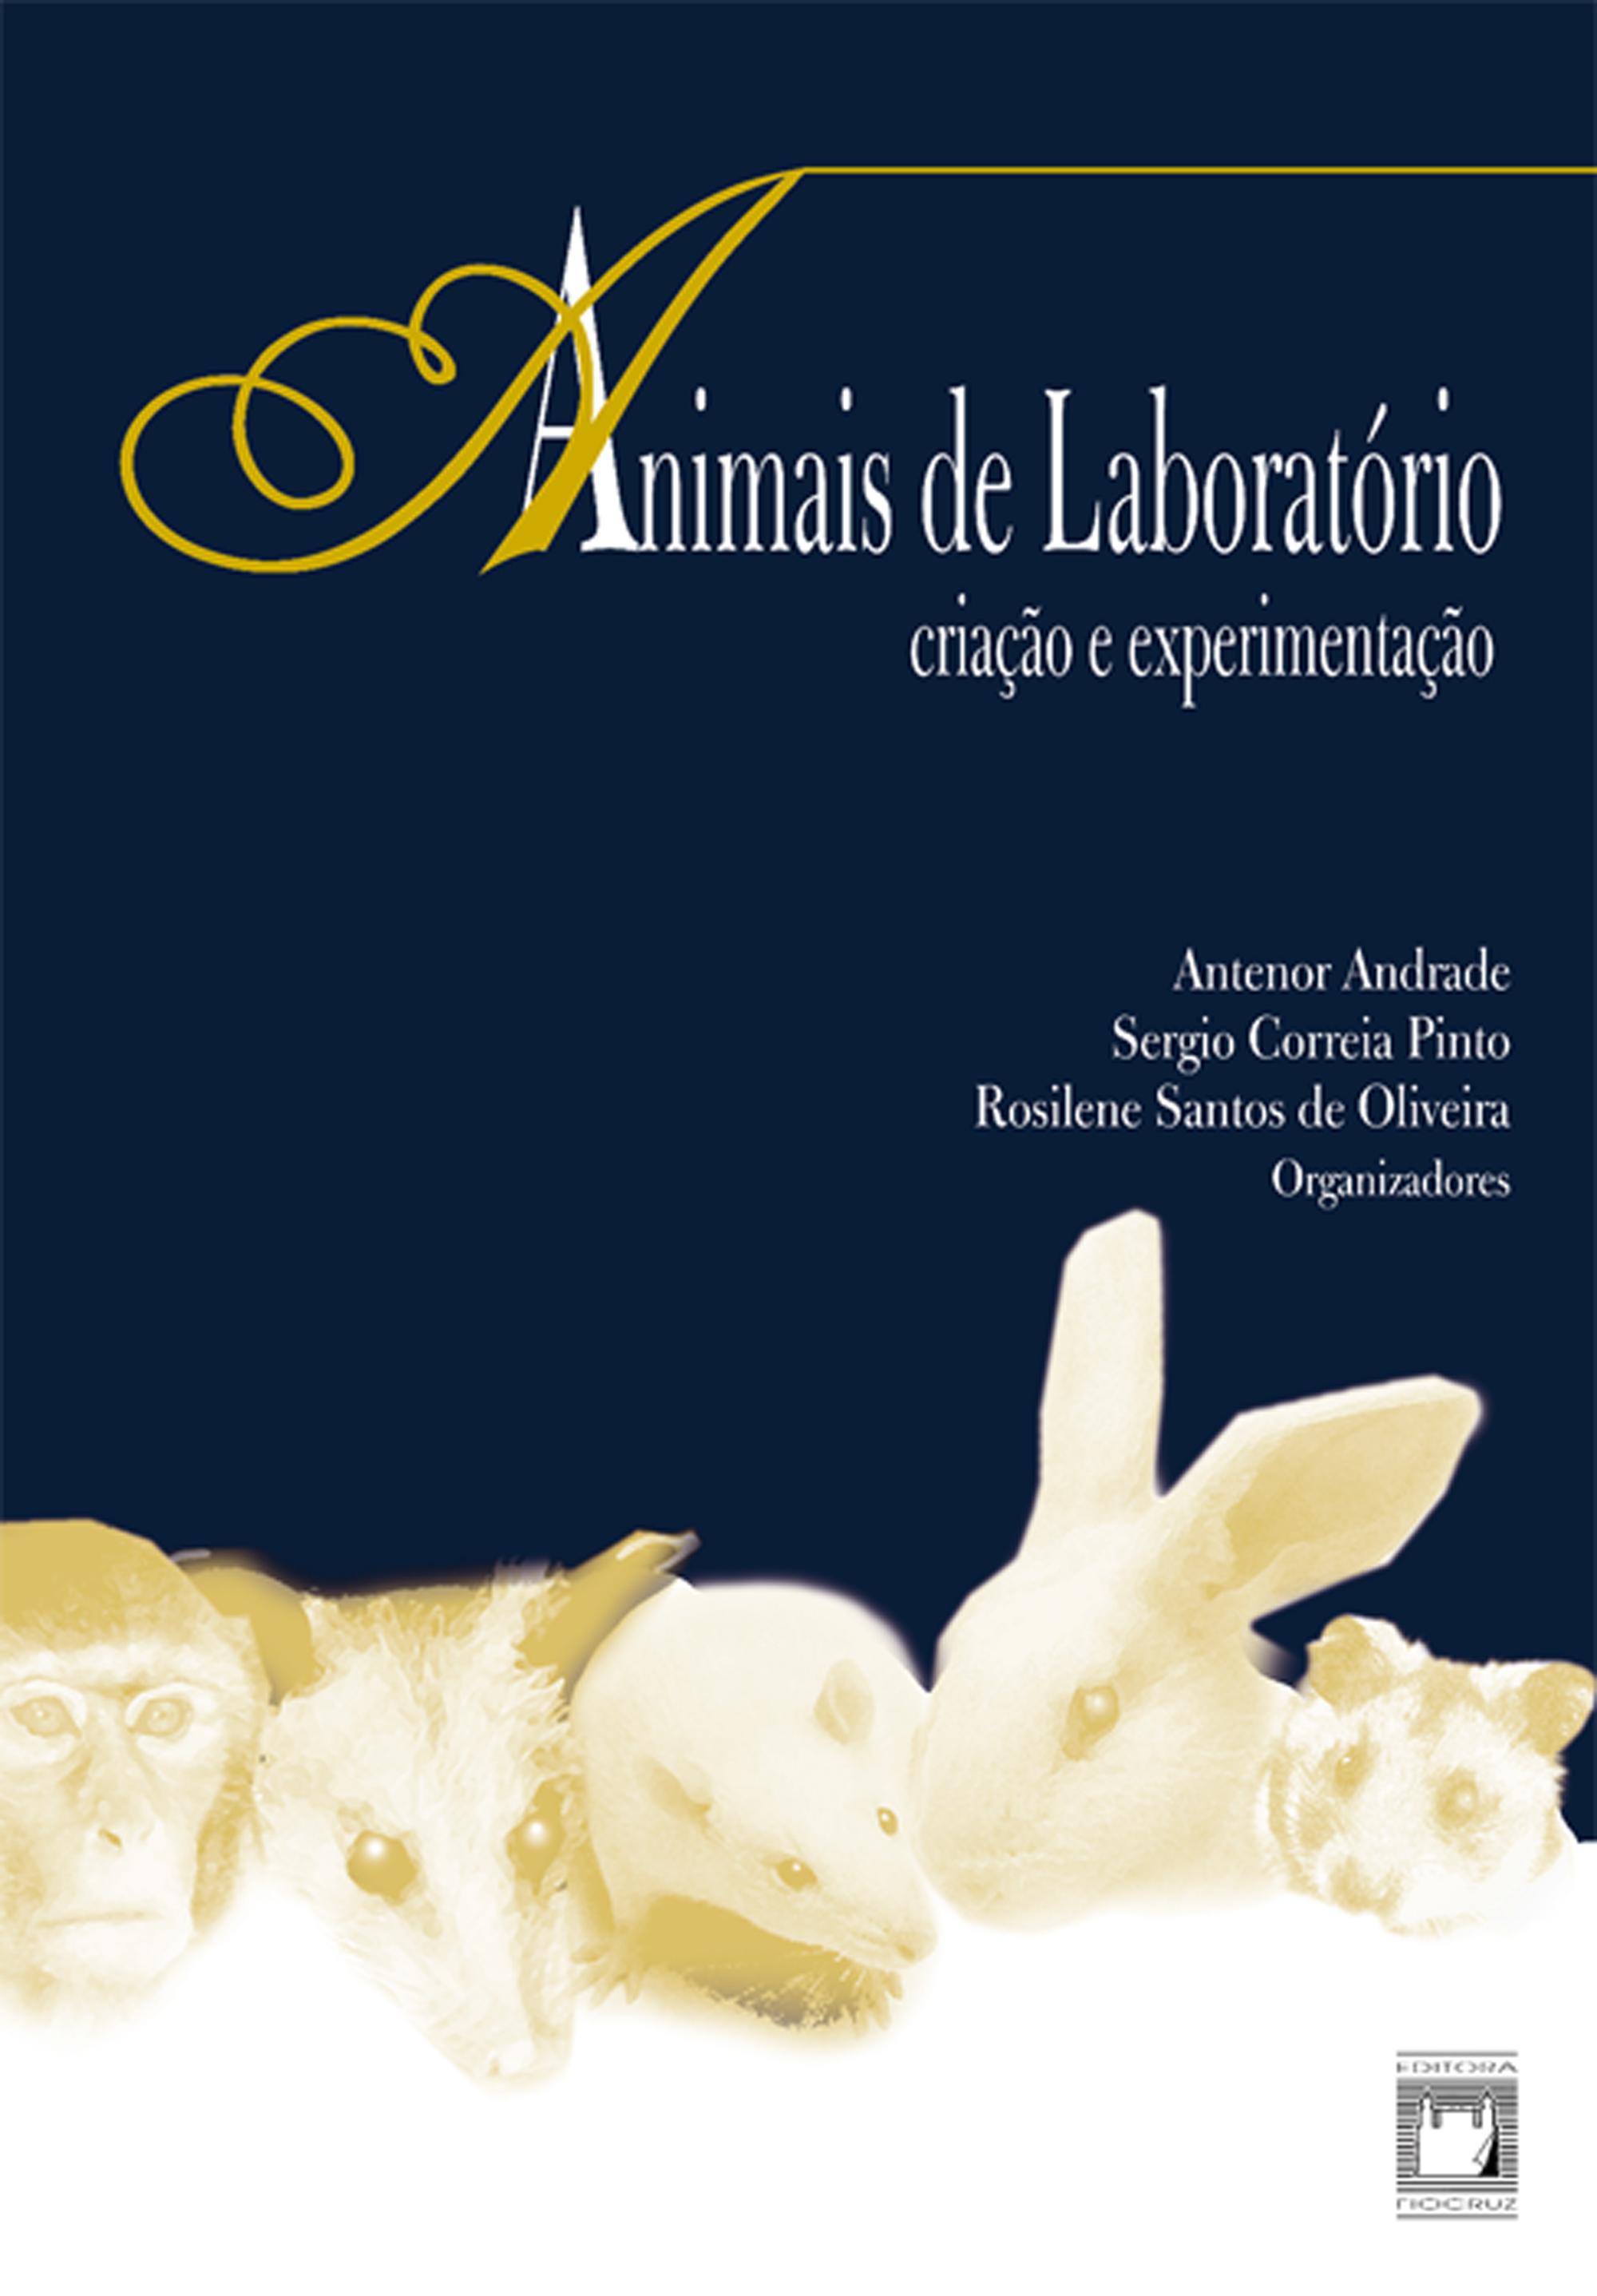 SciELO Books | Animais de laboratório: criação e